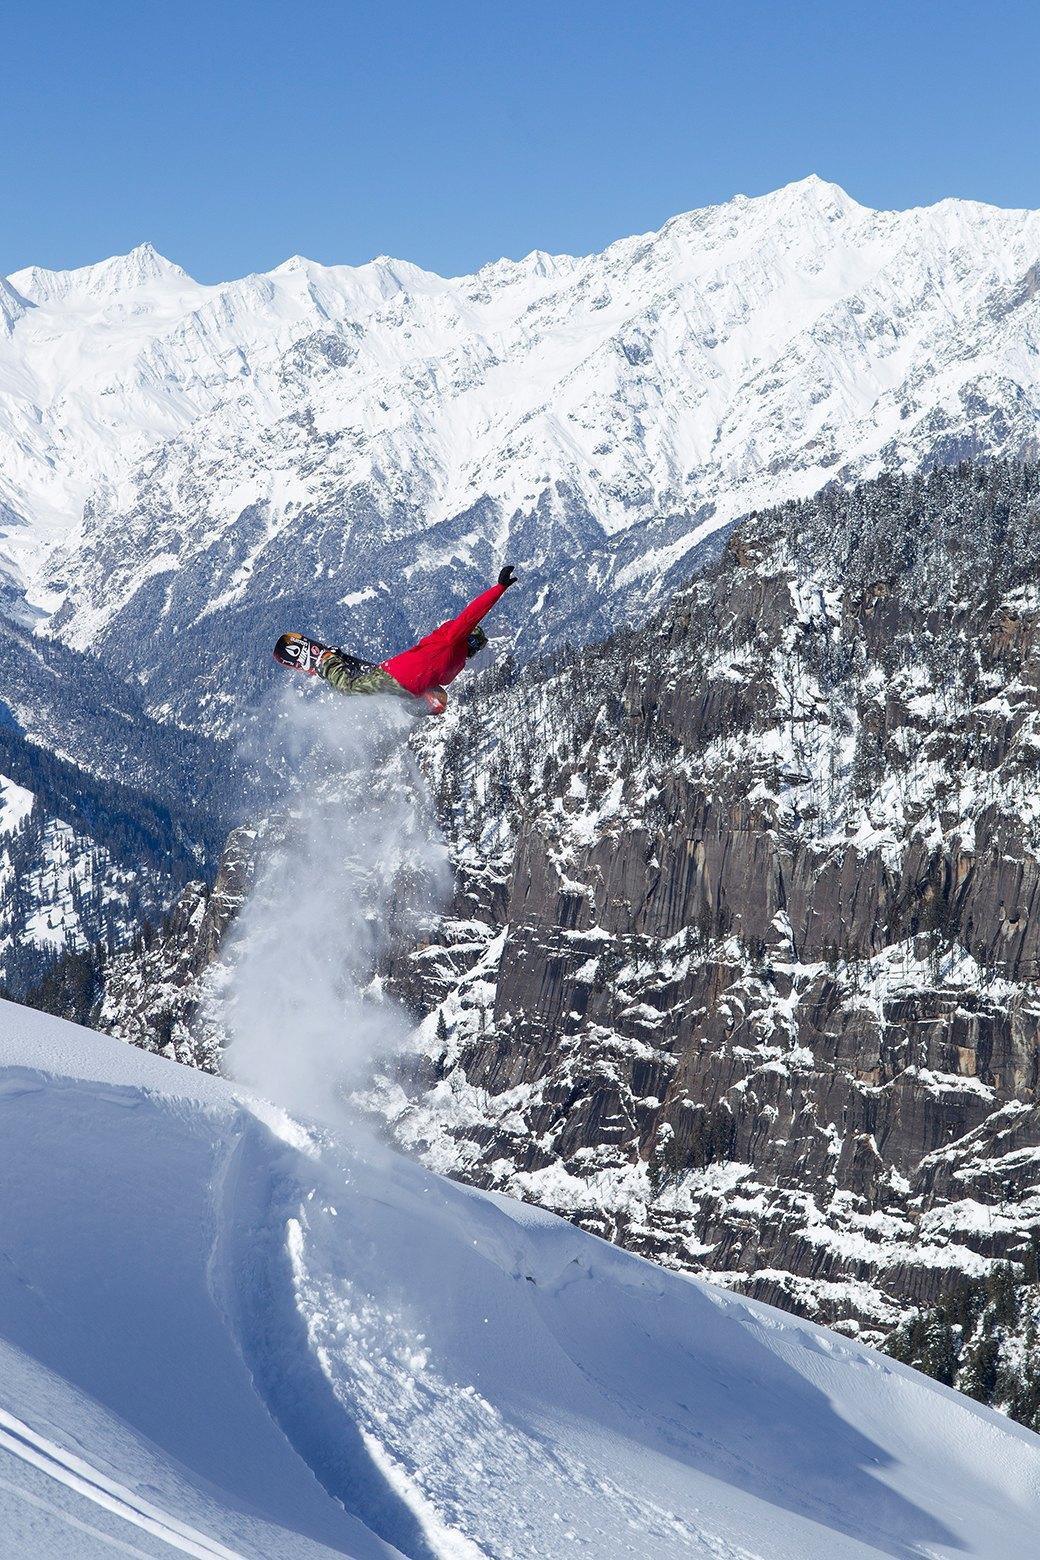 Фотопроект: 10 лет катания по самым экстремальным горам планеты . Изображение № 20.